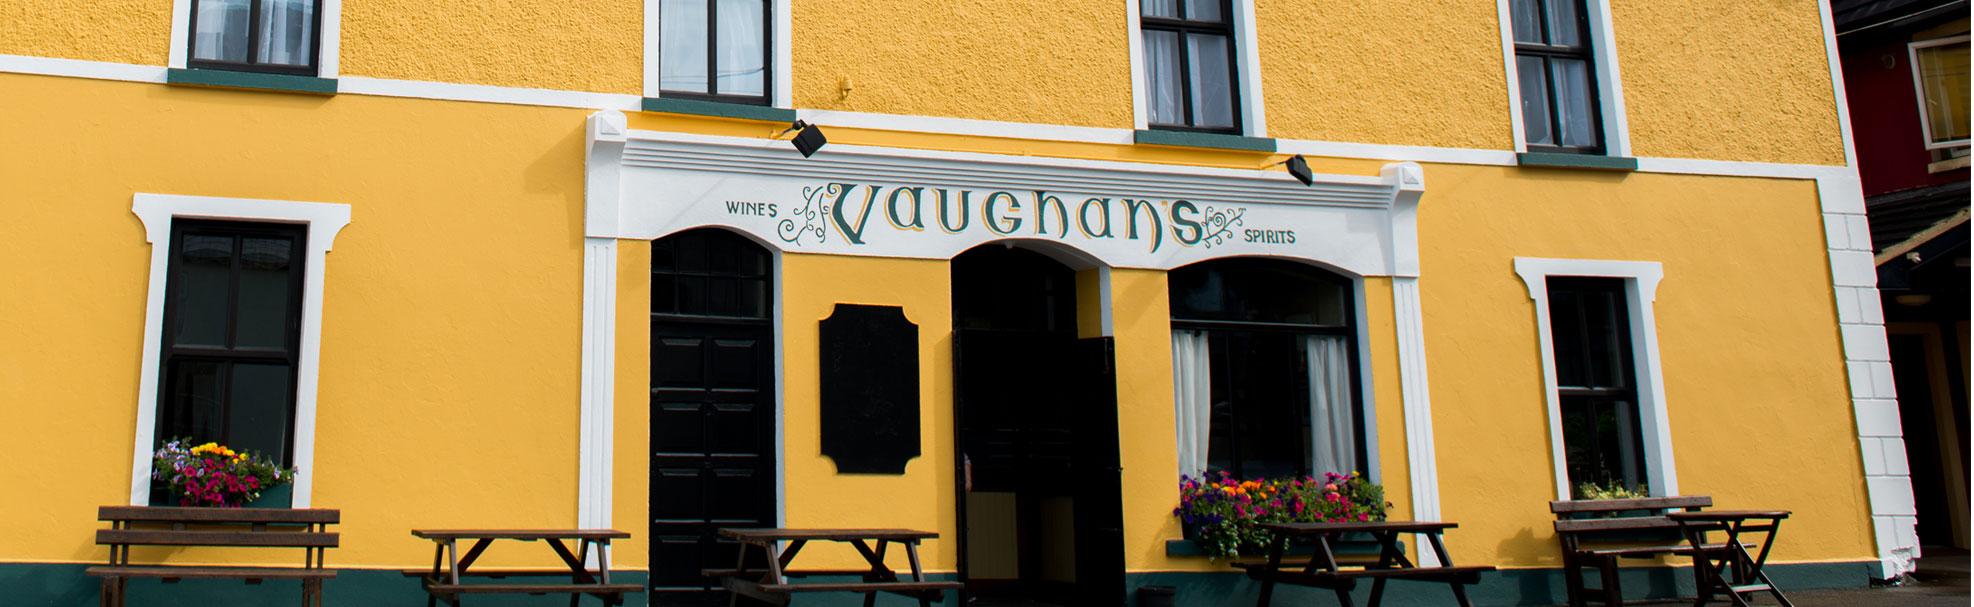 vaughans-pub-kilfenora